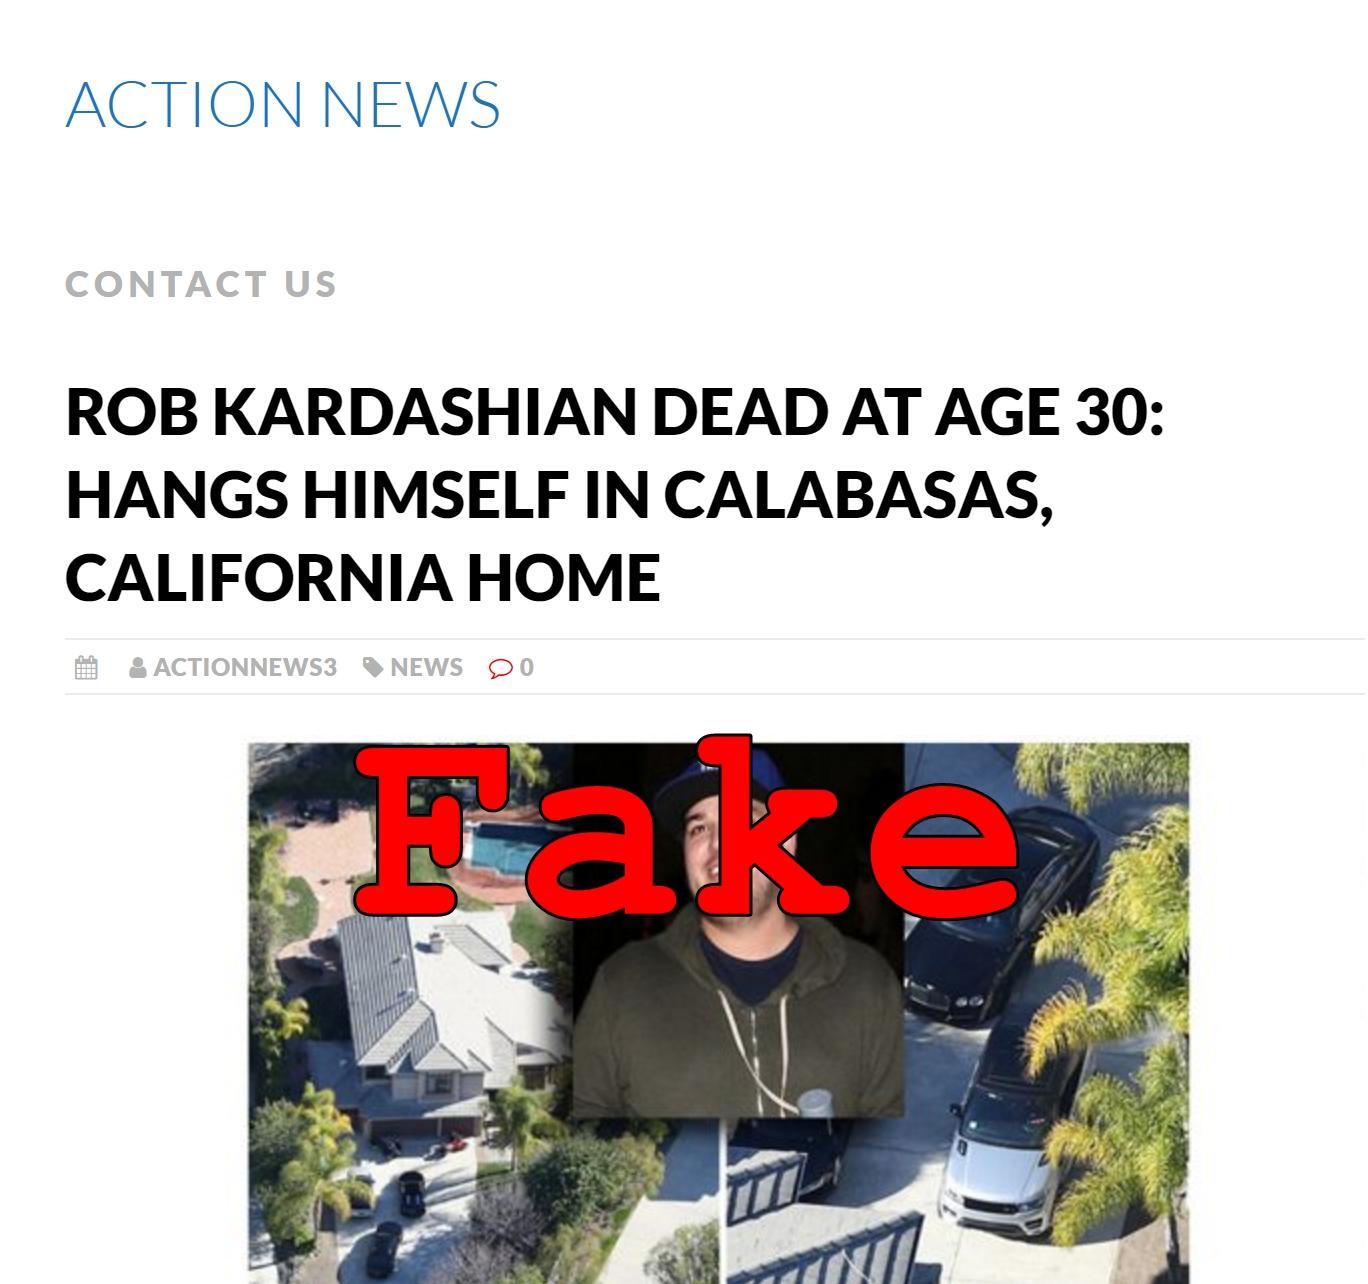 Fake News: Rob Kardashian NOT Dead At Age 30, Did NOT Hang Himself In Calabasas, California Home